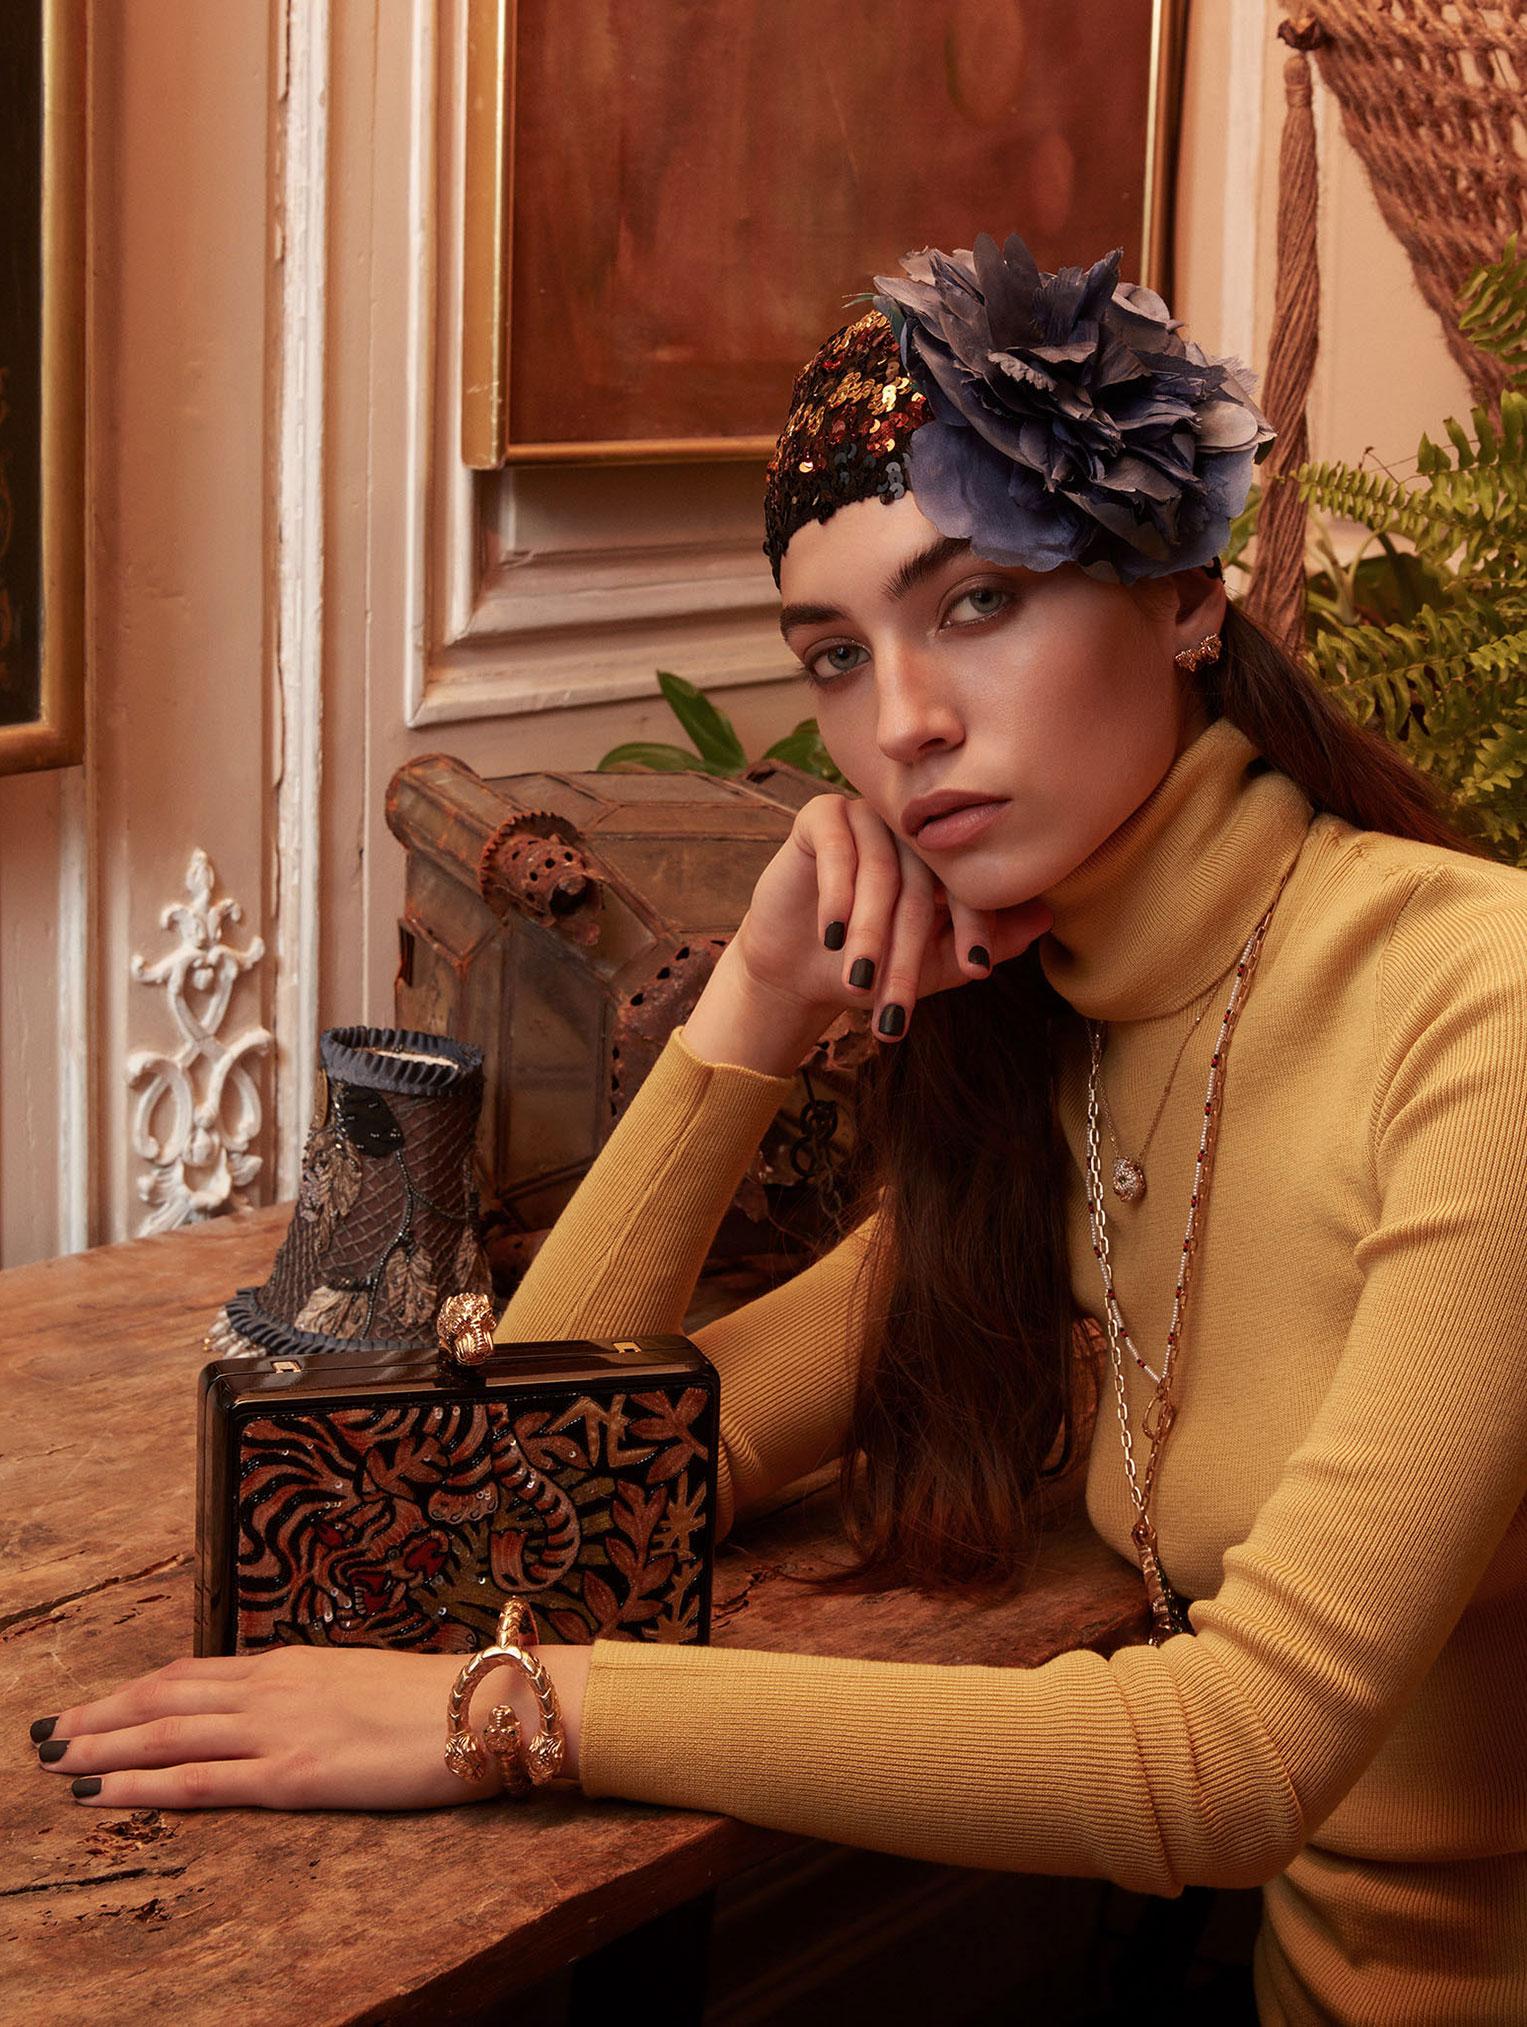 Елена Карьере в модной одежде Gucci, коллекция осень-зима 2019/20 / фото 08